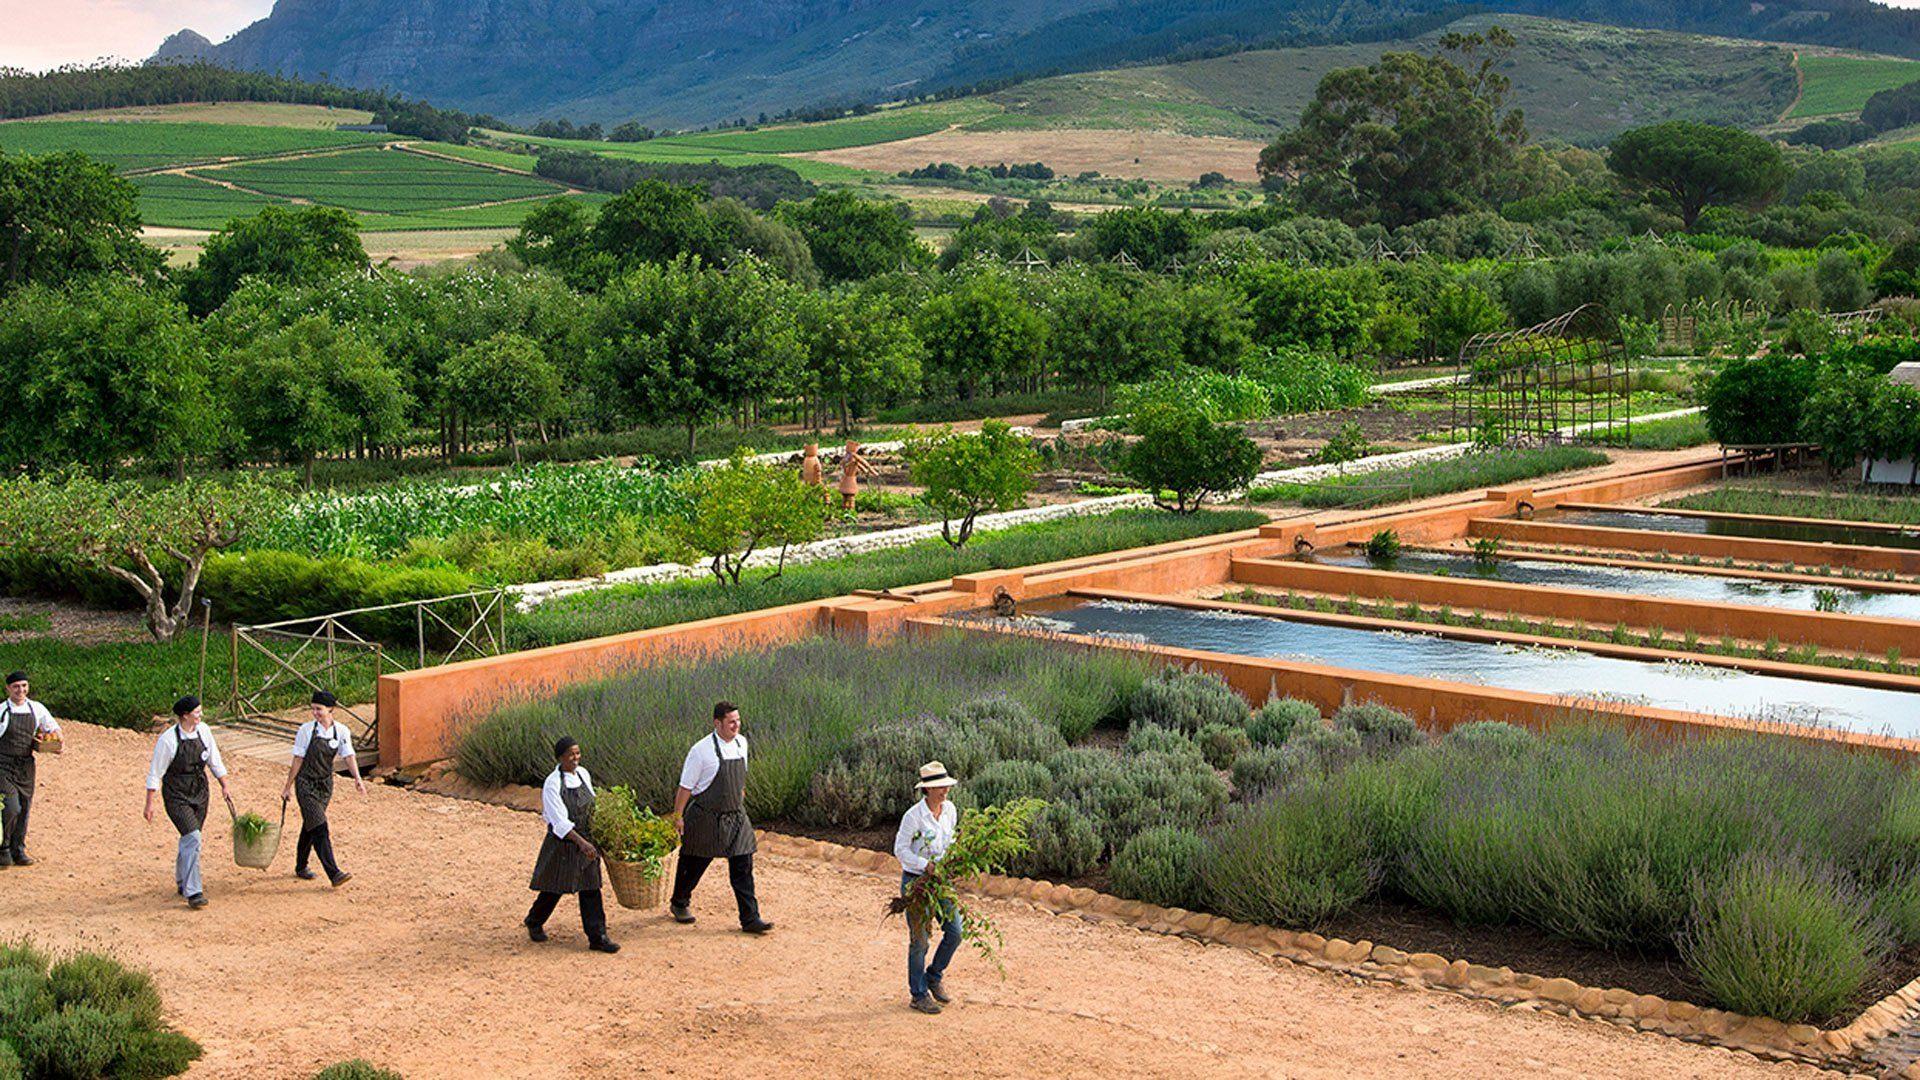 babylonstoren-wine-farm.jpg